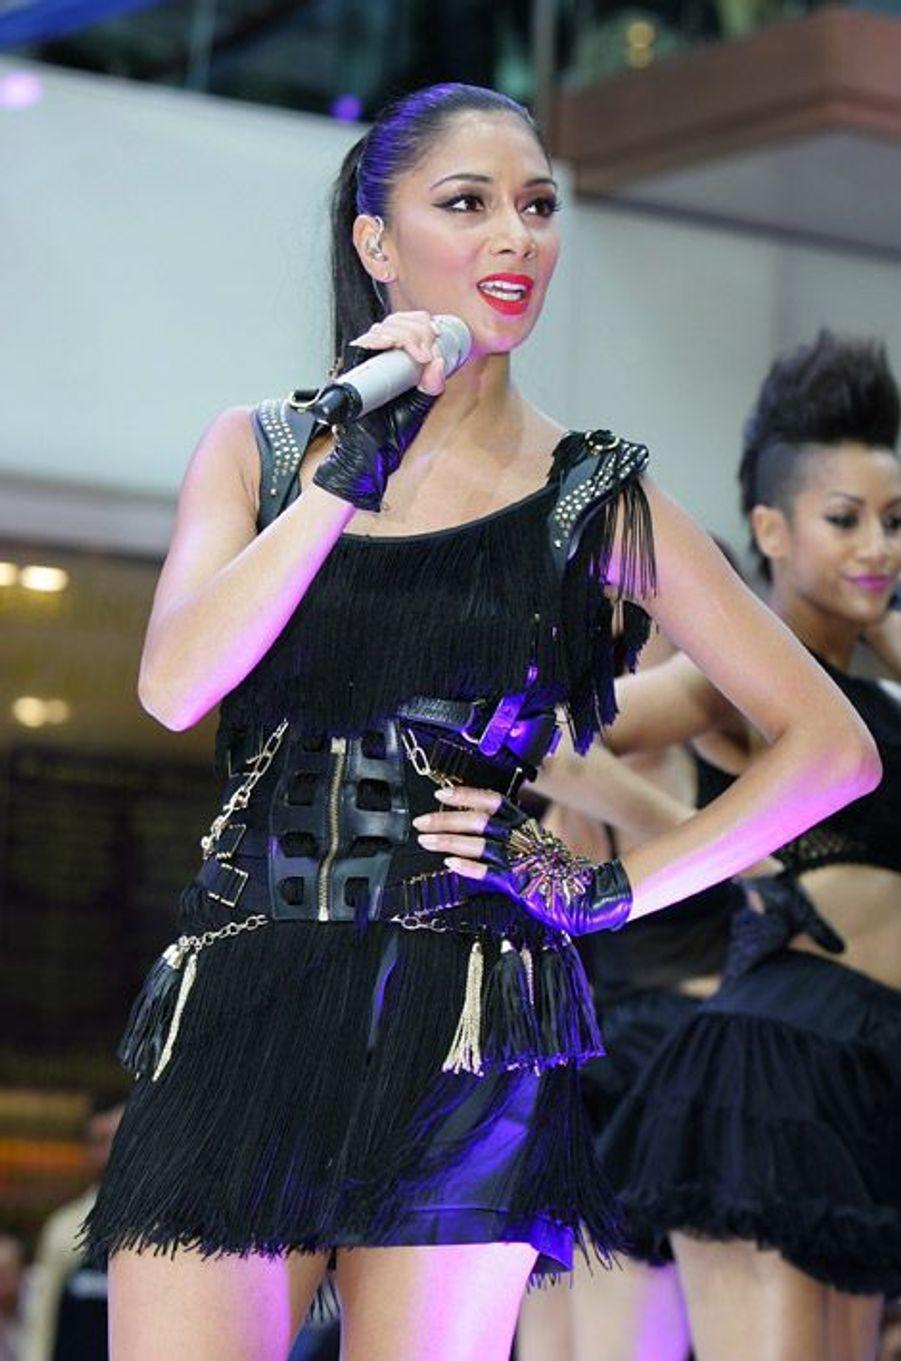 La chanteuse Nicole Scherzinger